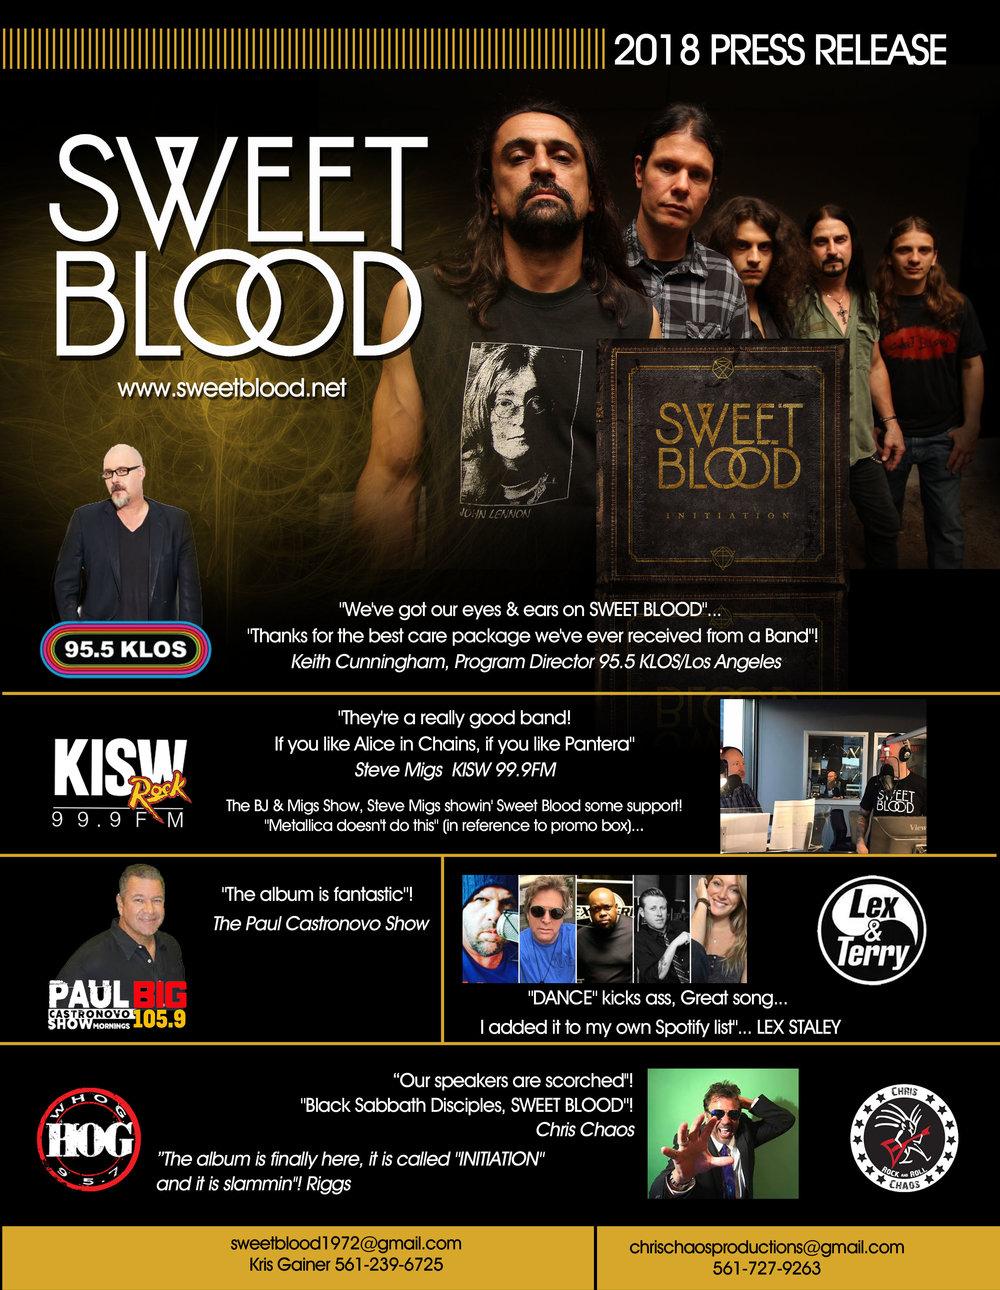 SWEET BLOOD Press Release 2018.jpg